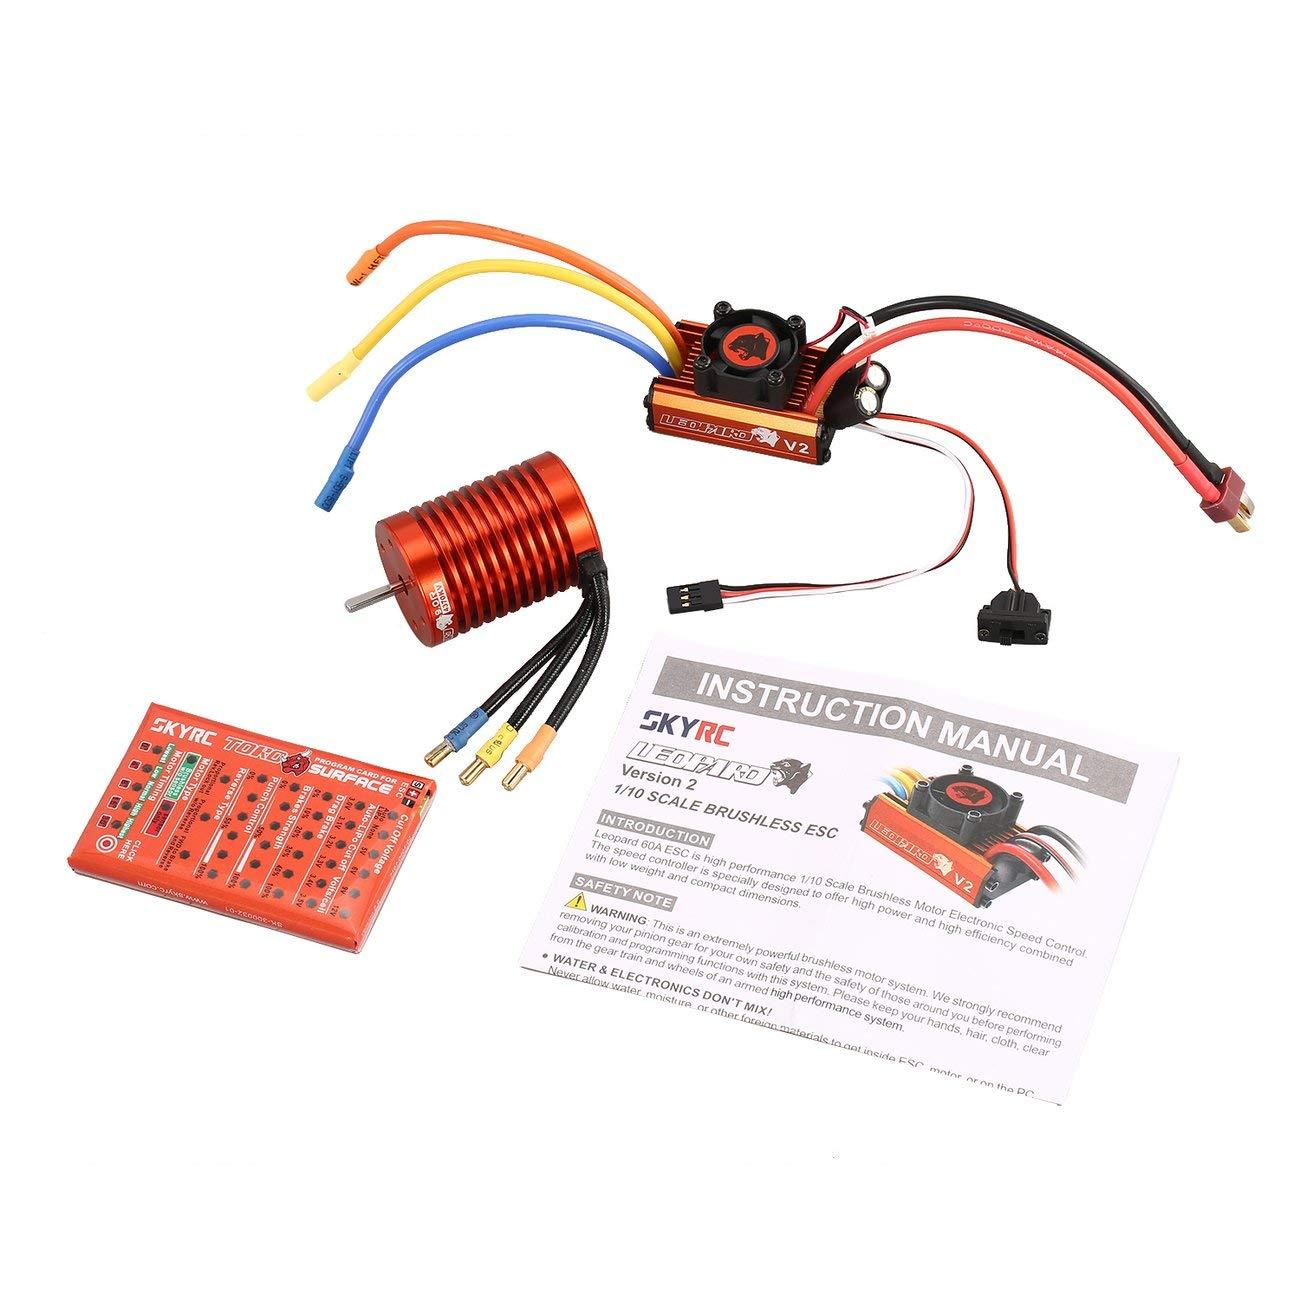 barato Jiobapiongxin SKYRC 9T 4370KV Kit de Tarjeta de programación programación programación sin escobillas del Motor 60A ESC para 1 10 RC Coche JBP-X  centro comercial de moda